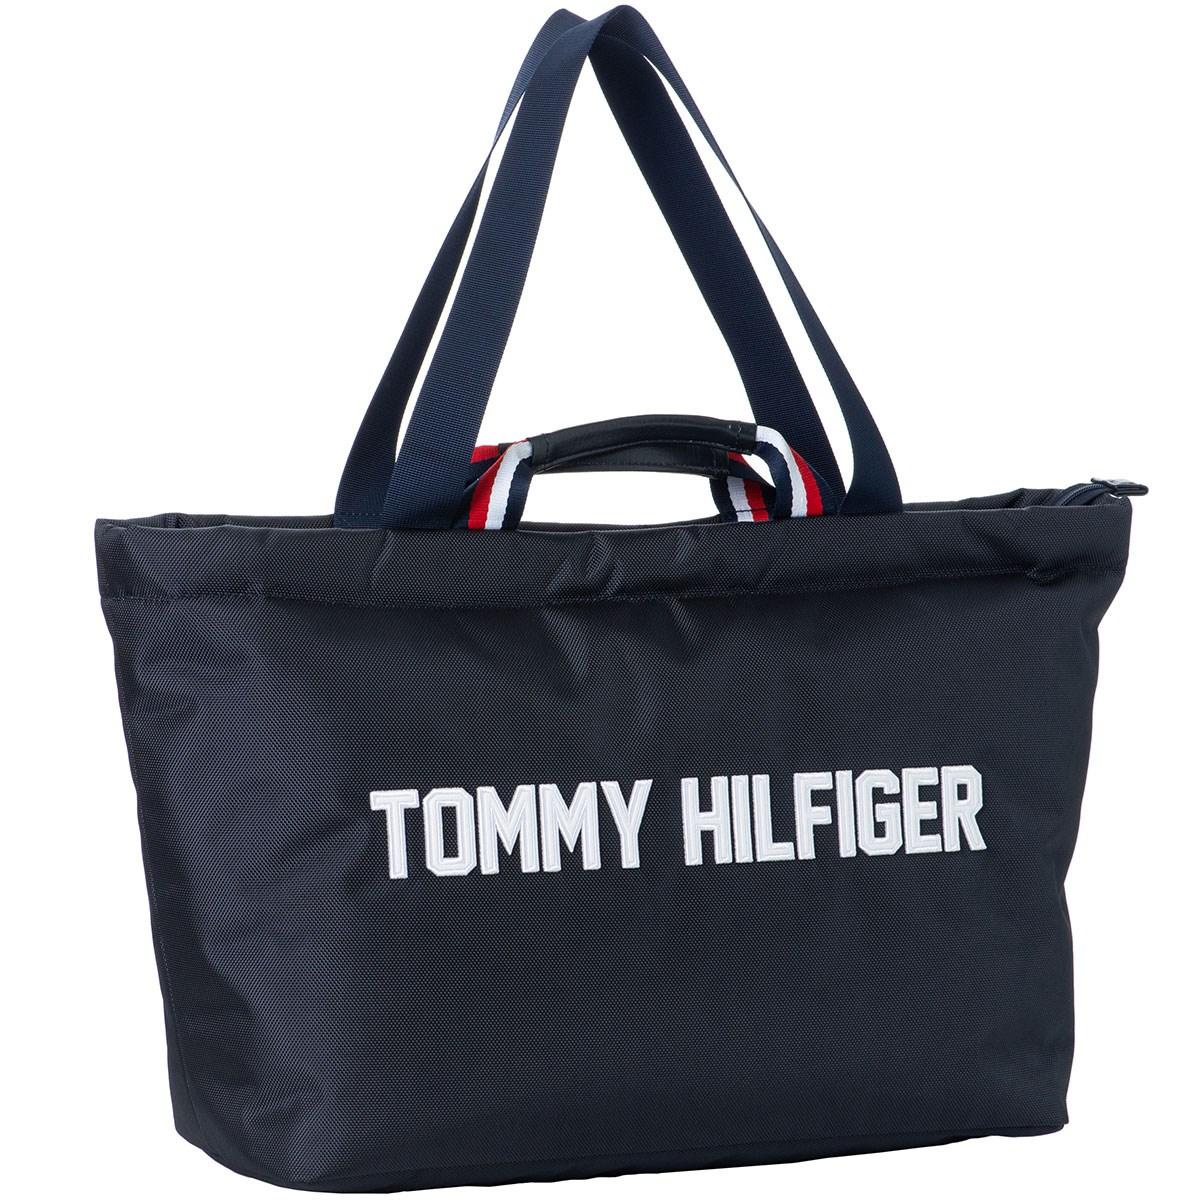 トミー ヒルフィガー ゴルフ TOMMY HILFIGER GOLF COLORING トートバッグ ネイビー 30